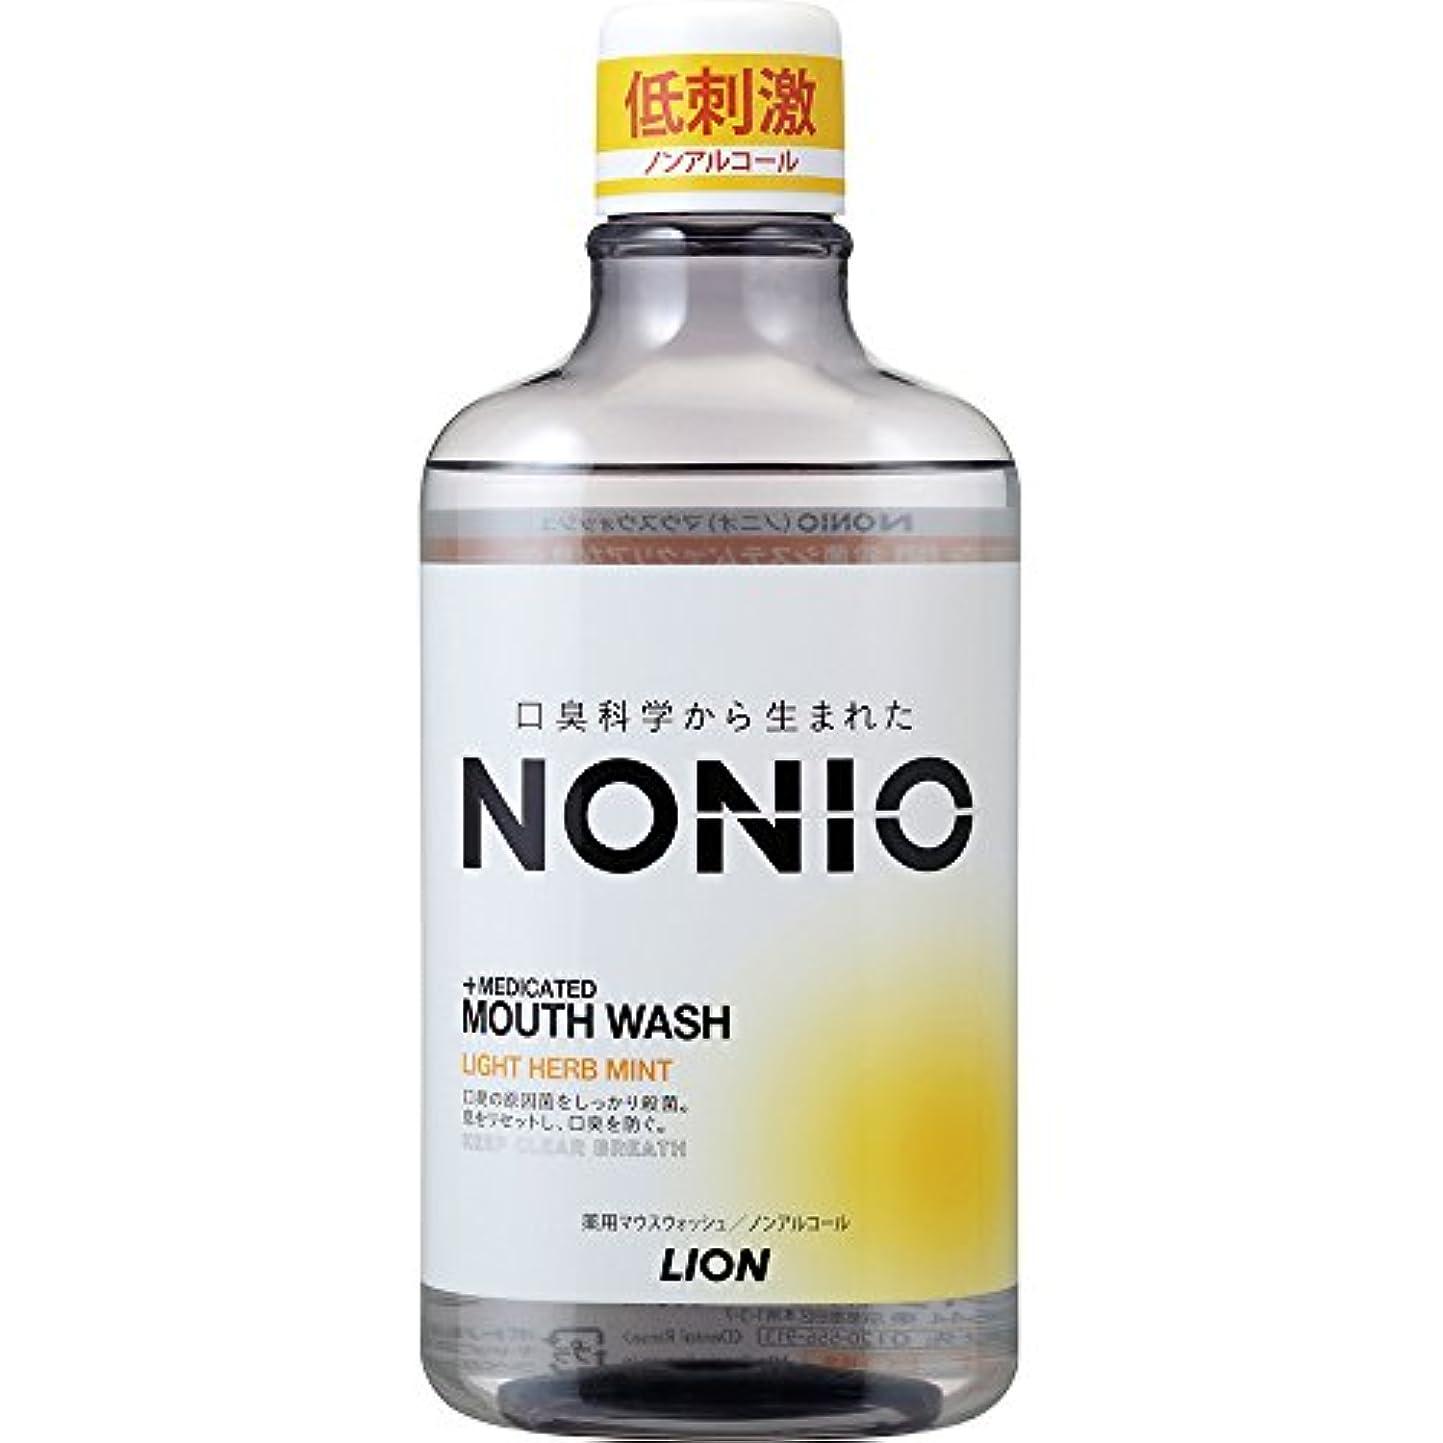 マキシム実行可能外観[医薬部外品]NONIO マウスウォッシュ ノンアルコール ライトハーブミント 600ml 洗口液